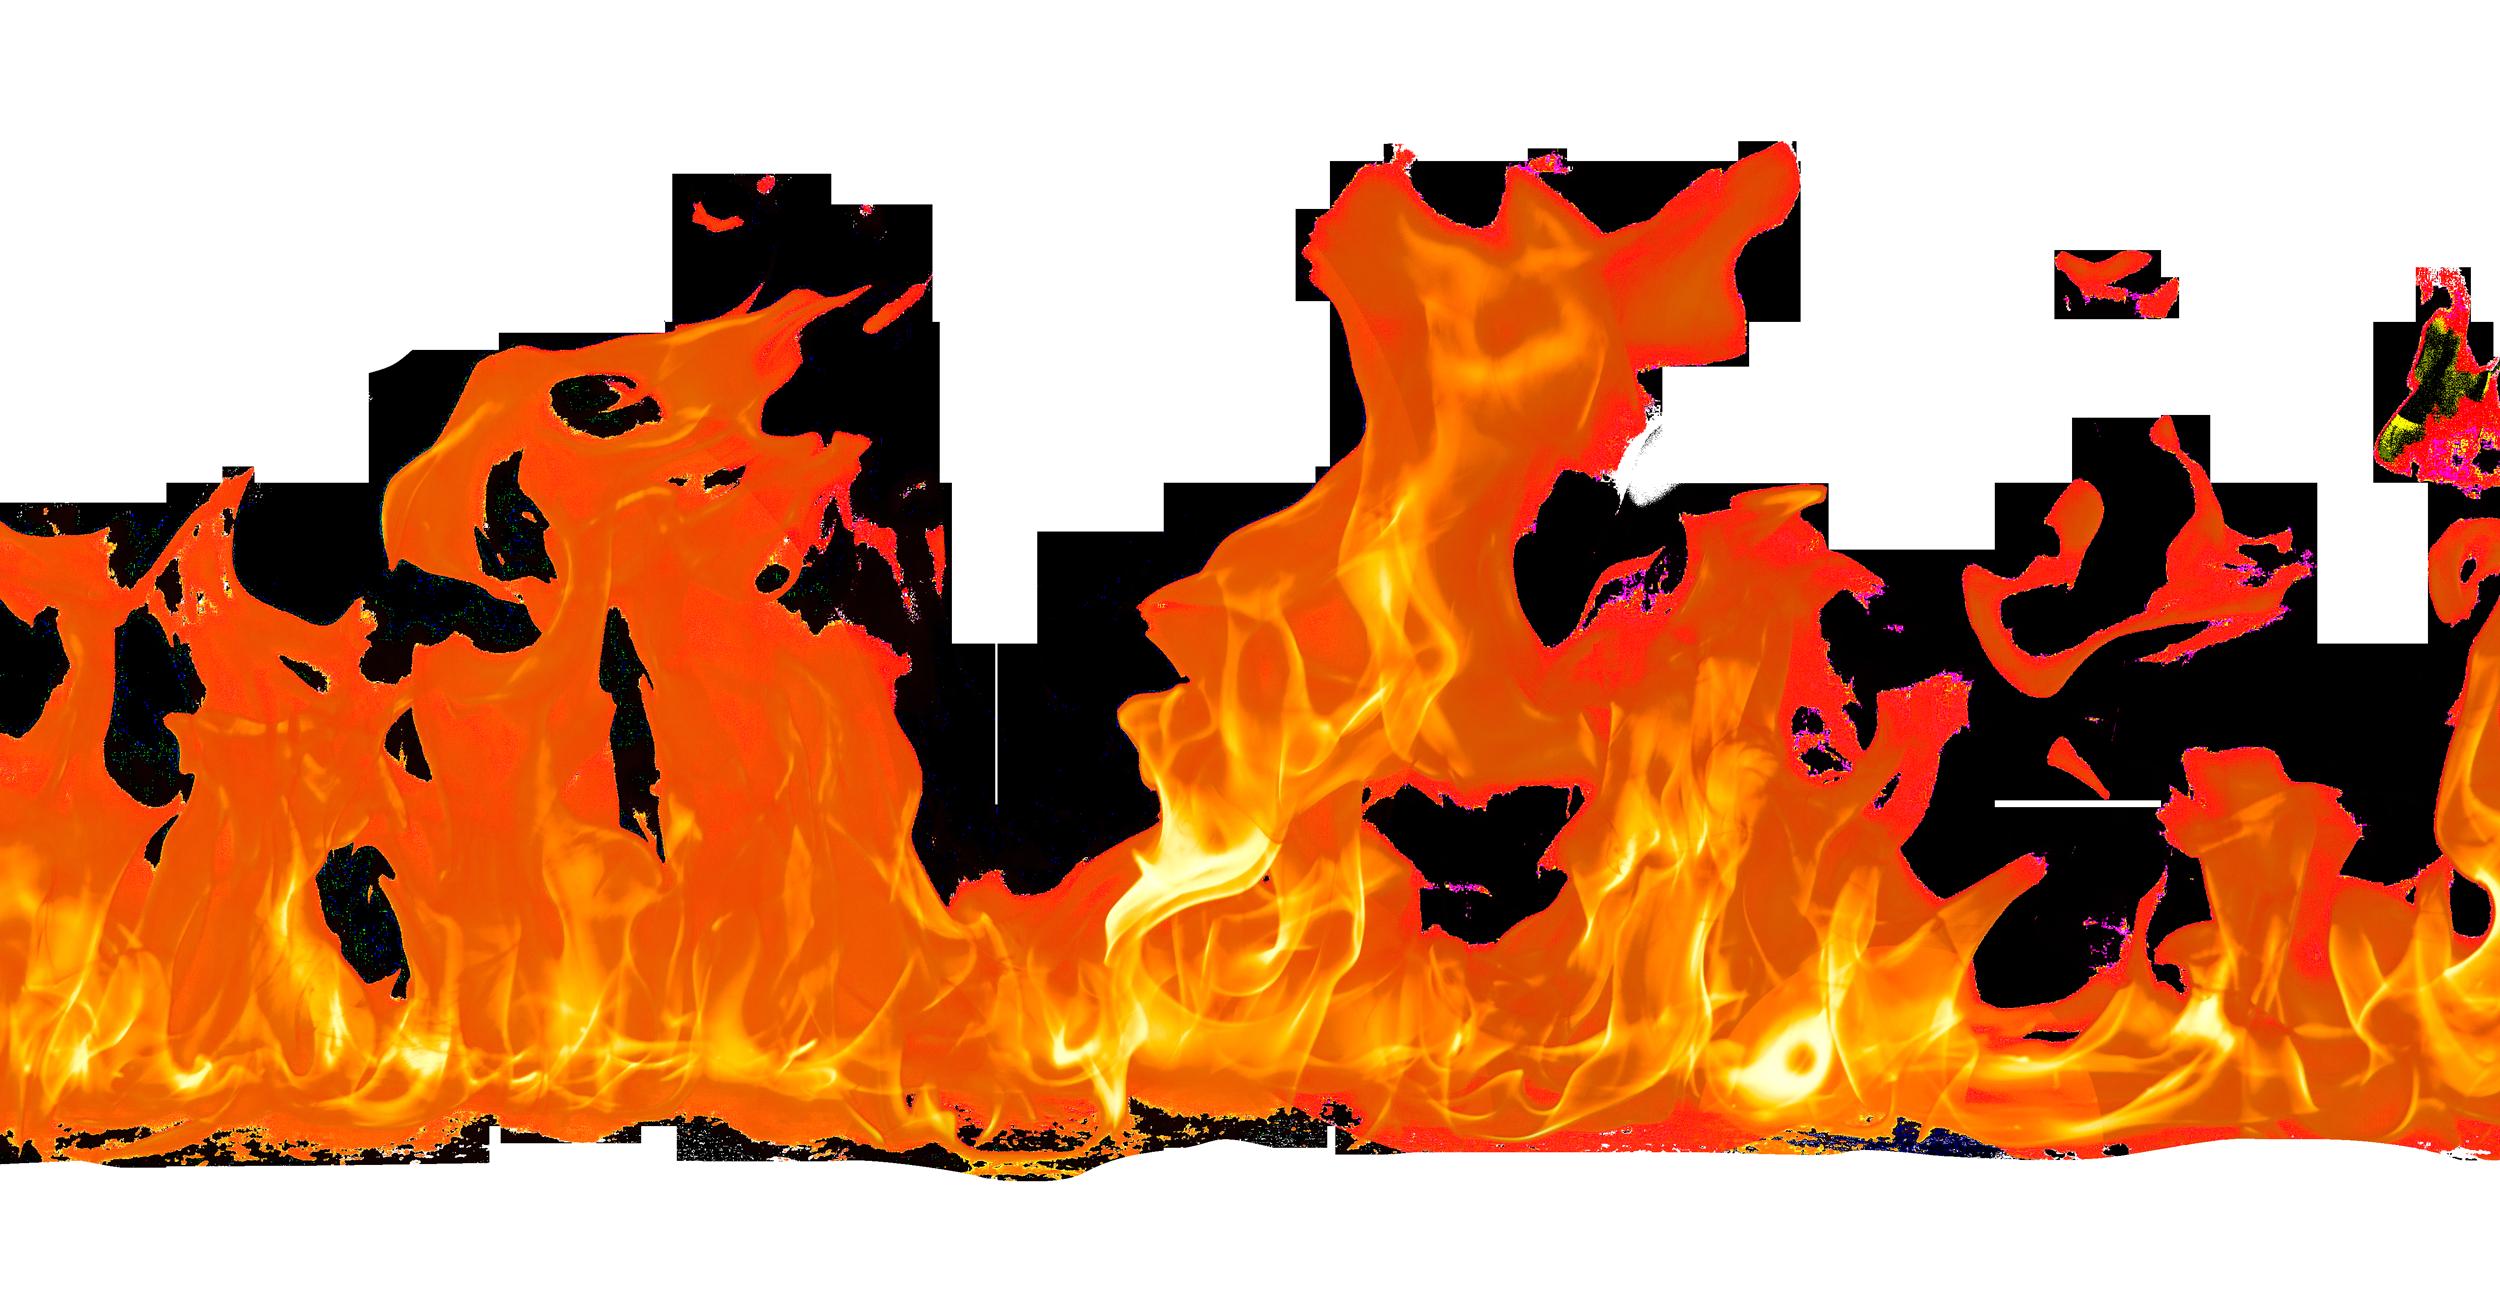 Fire Flame Png Image Gambar Api Desain